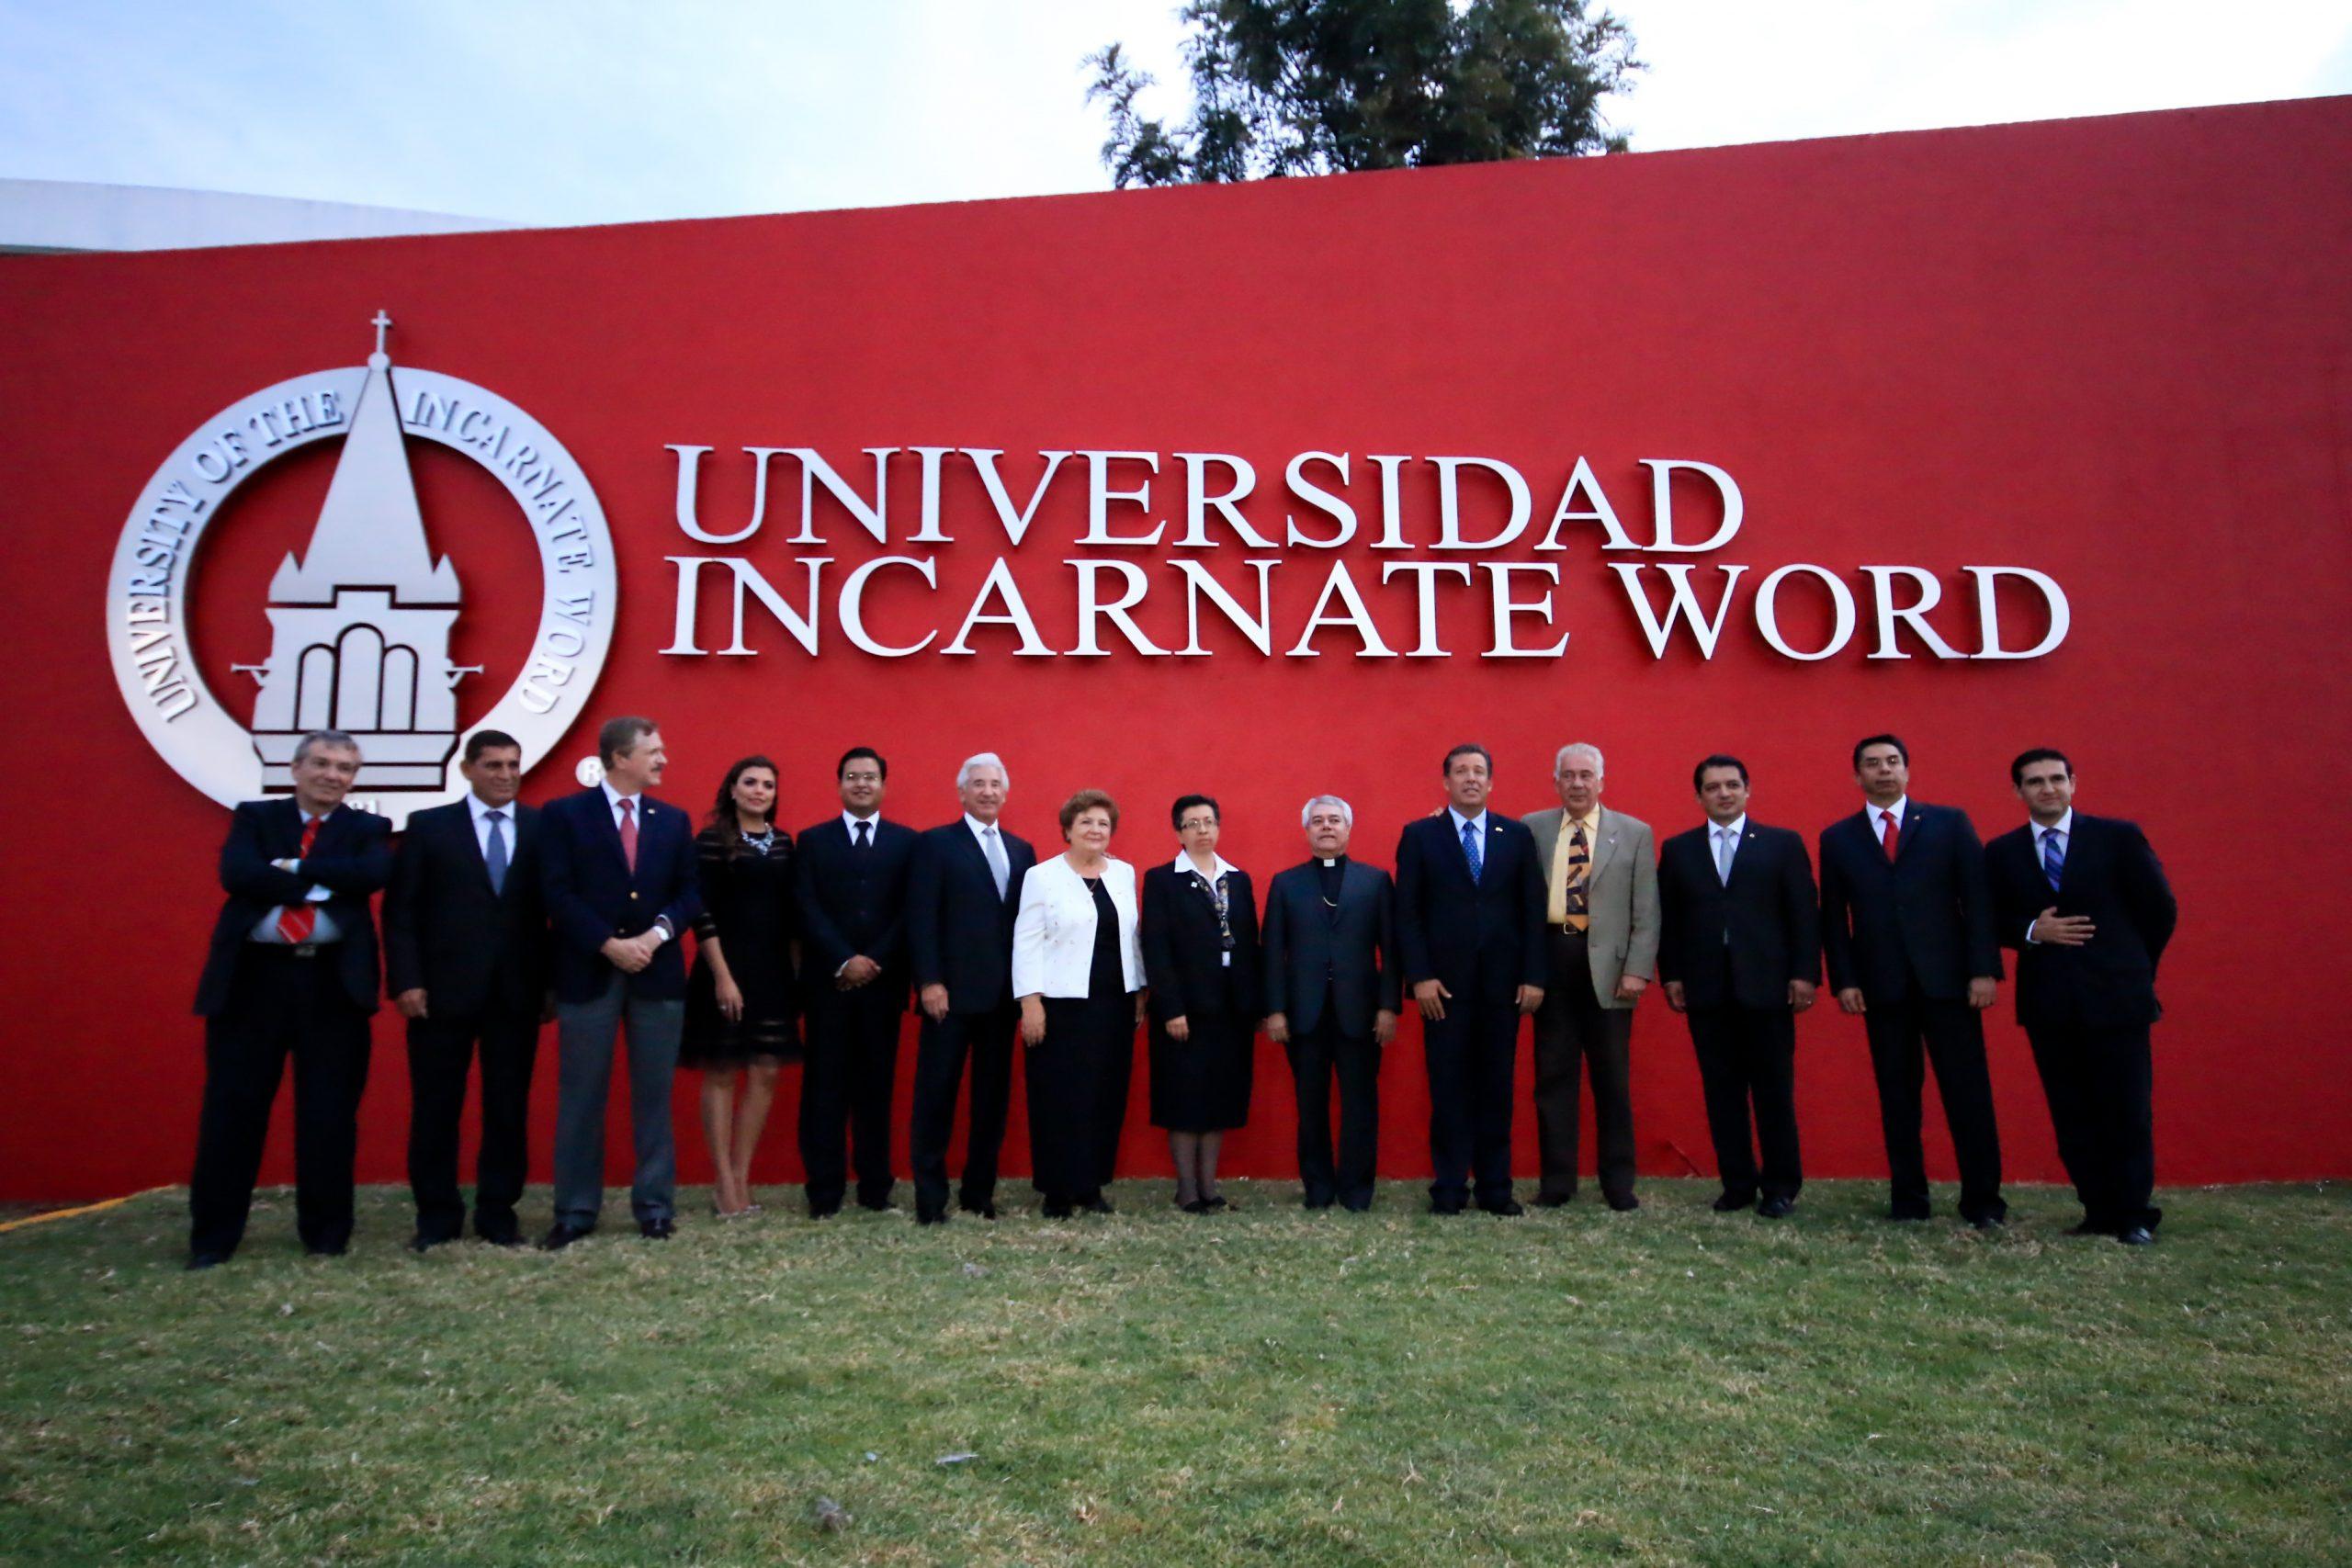 LA UNIVERSIDAD INCARNATE WORD FESTEJA SUS PRIMEROS 5 AÑOS EN EL BAJÍO